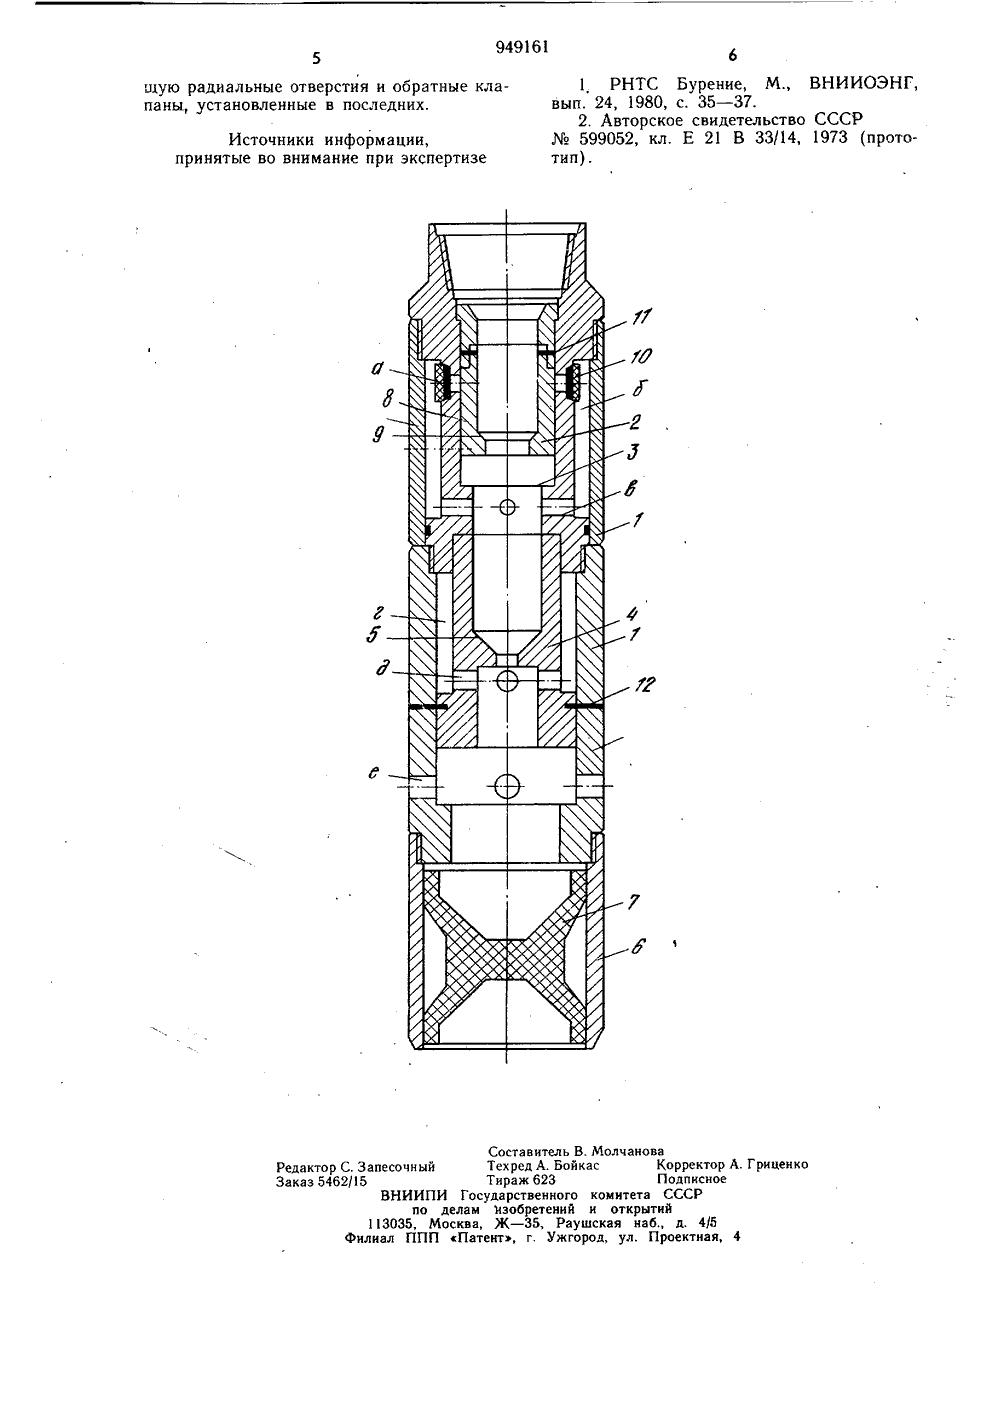 Устройство для установки цементных мостов в скважине